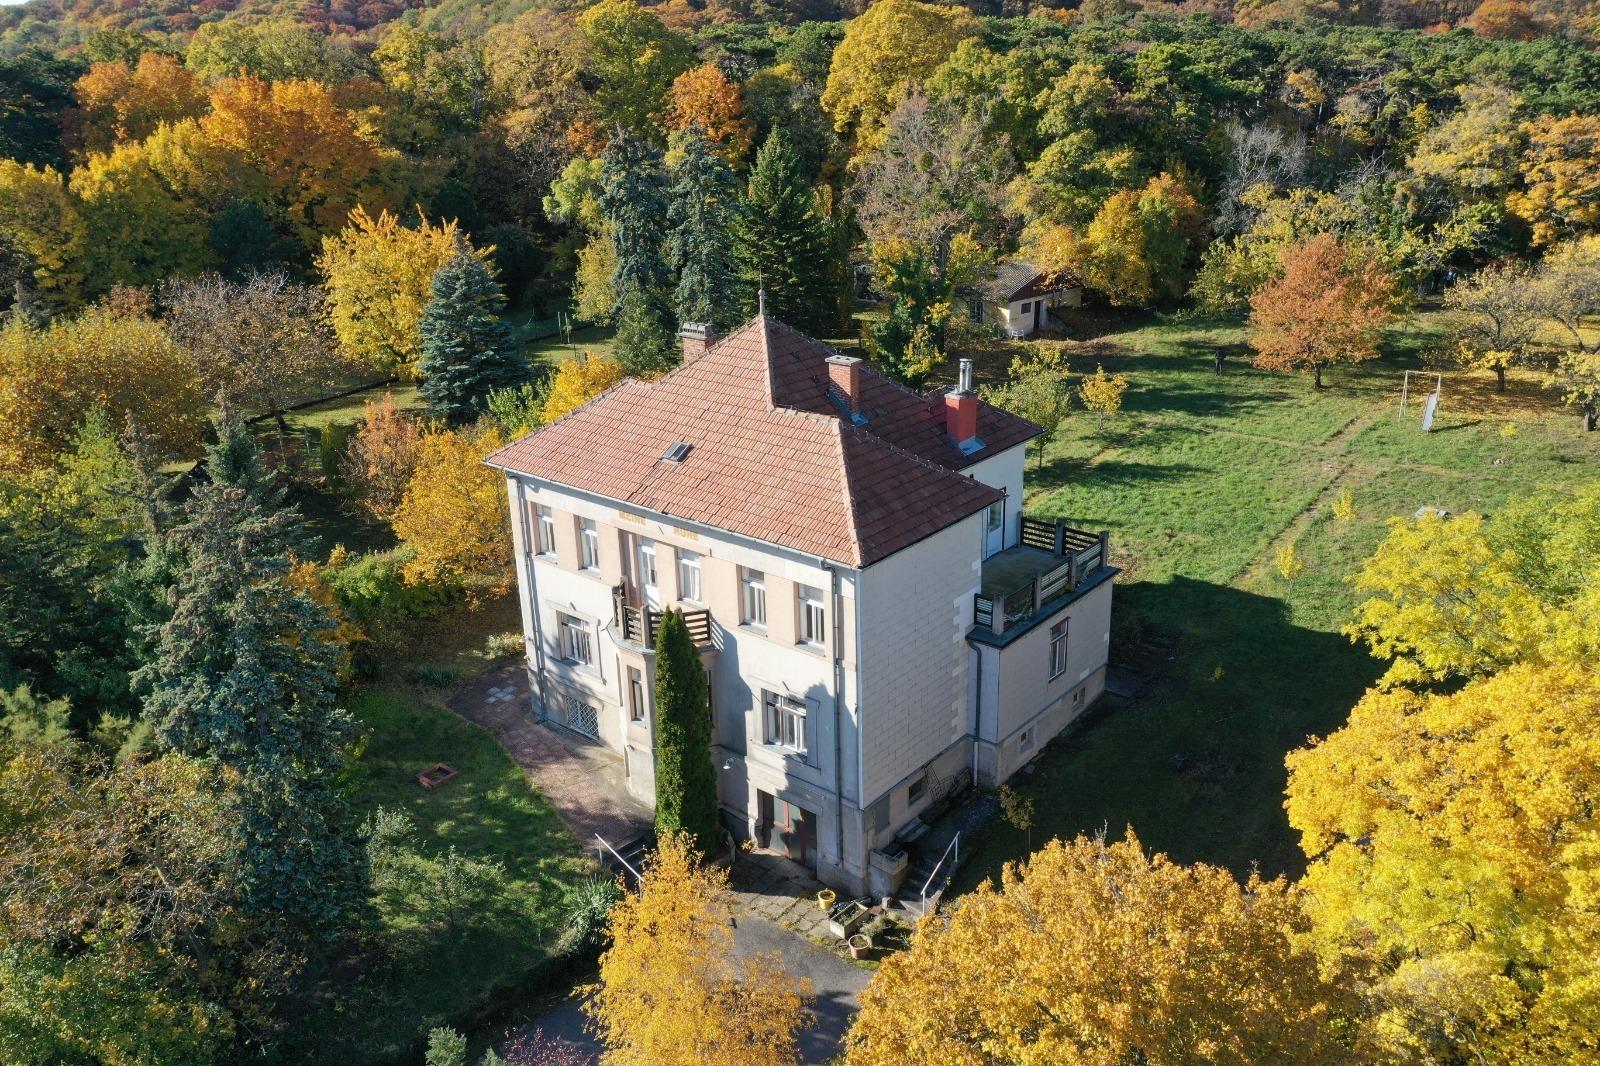 Traumhaftes Grundstück mit alter Villa